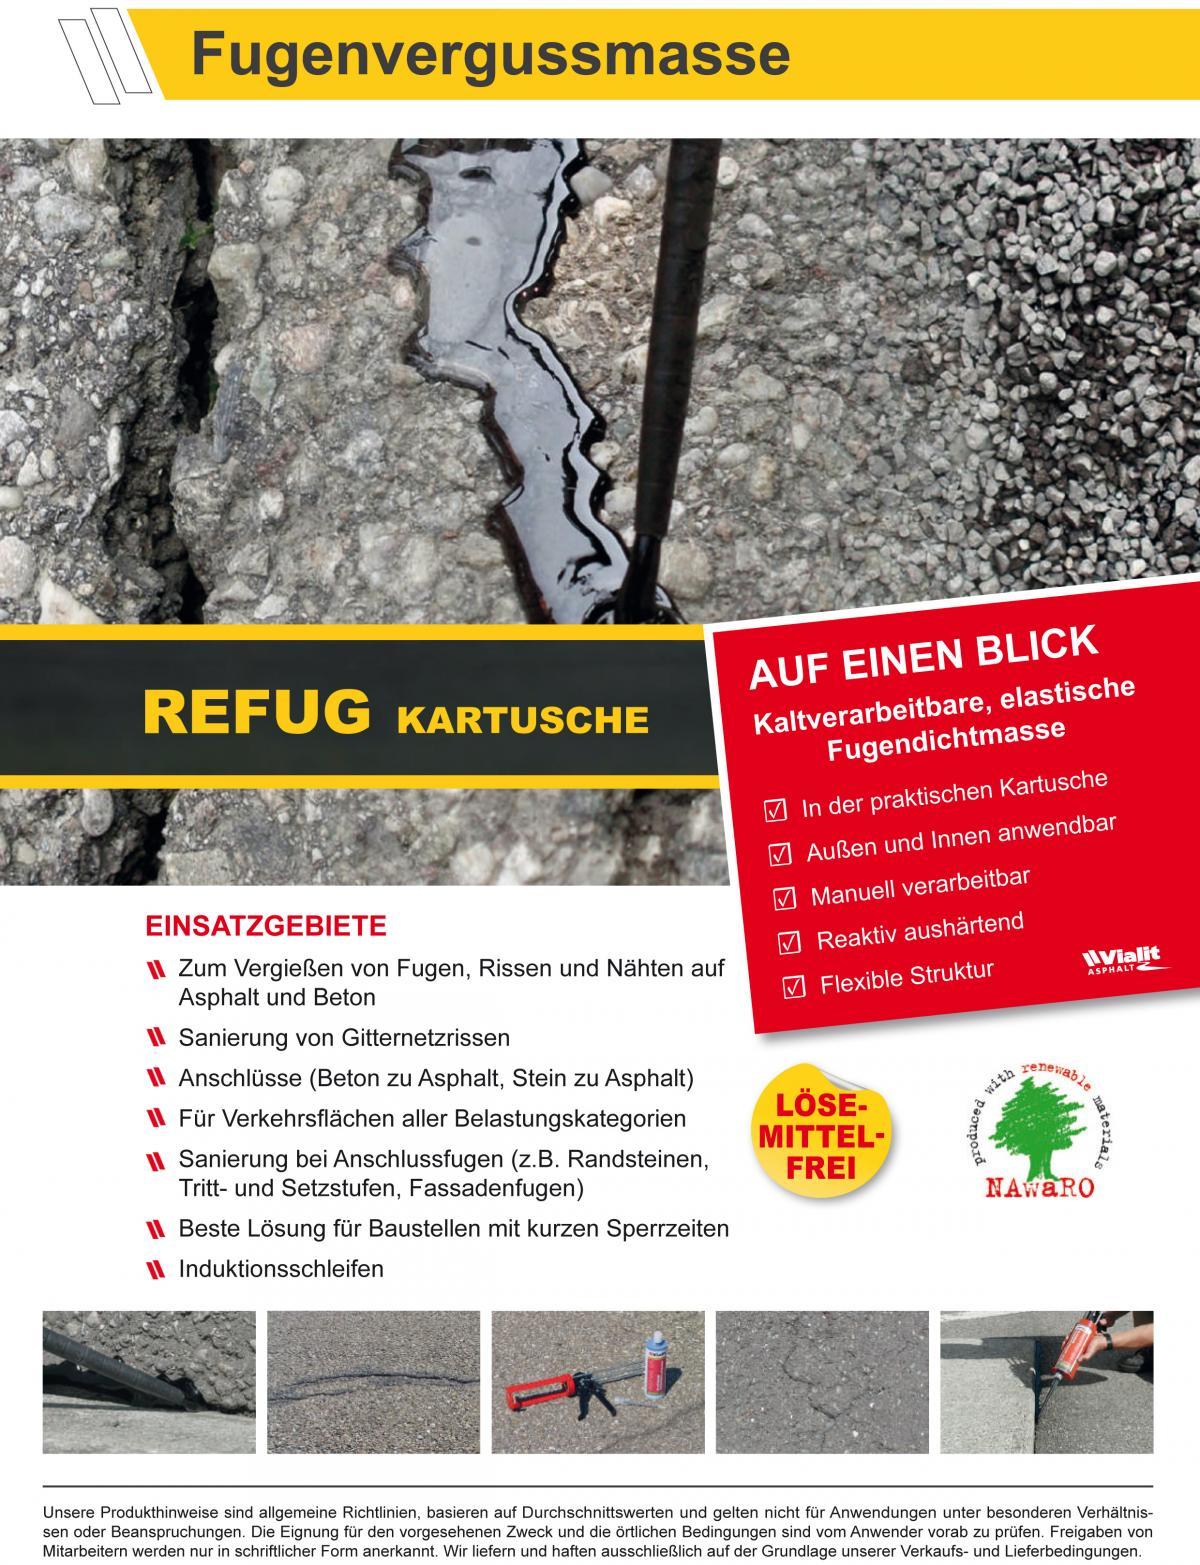 Hervorragend Preissturz » Vialit REFUG Fugen-Vergussmasse Fugendichtmasse UR94